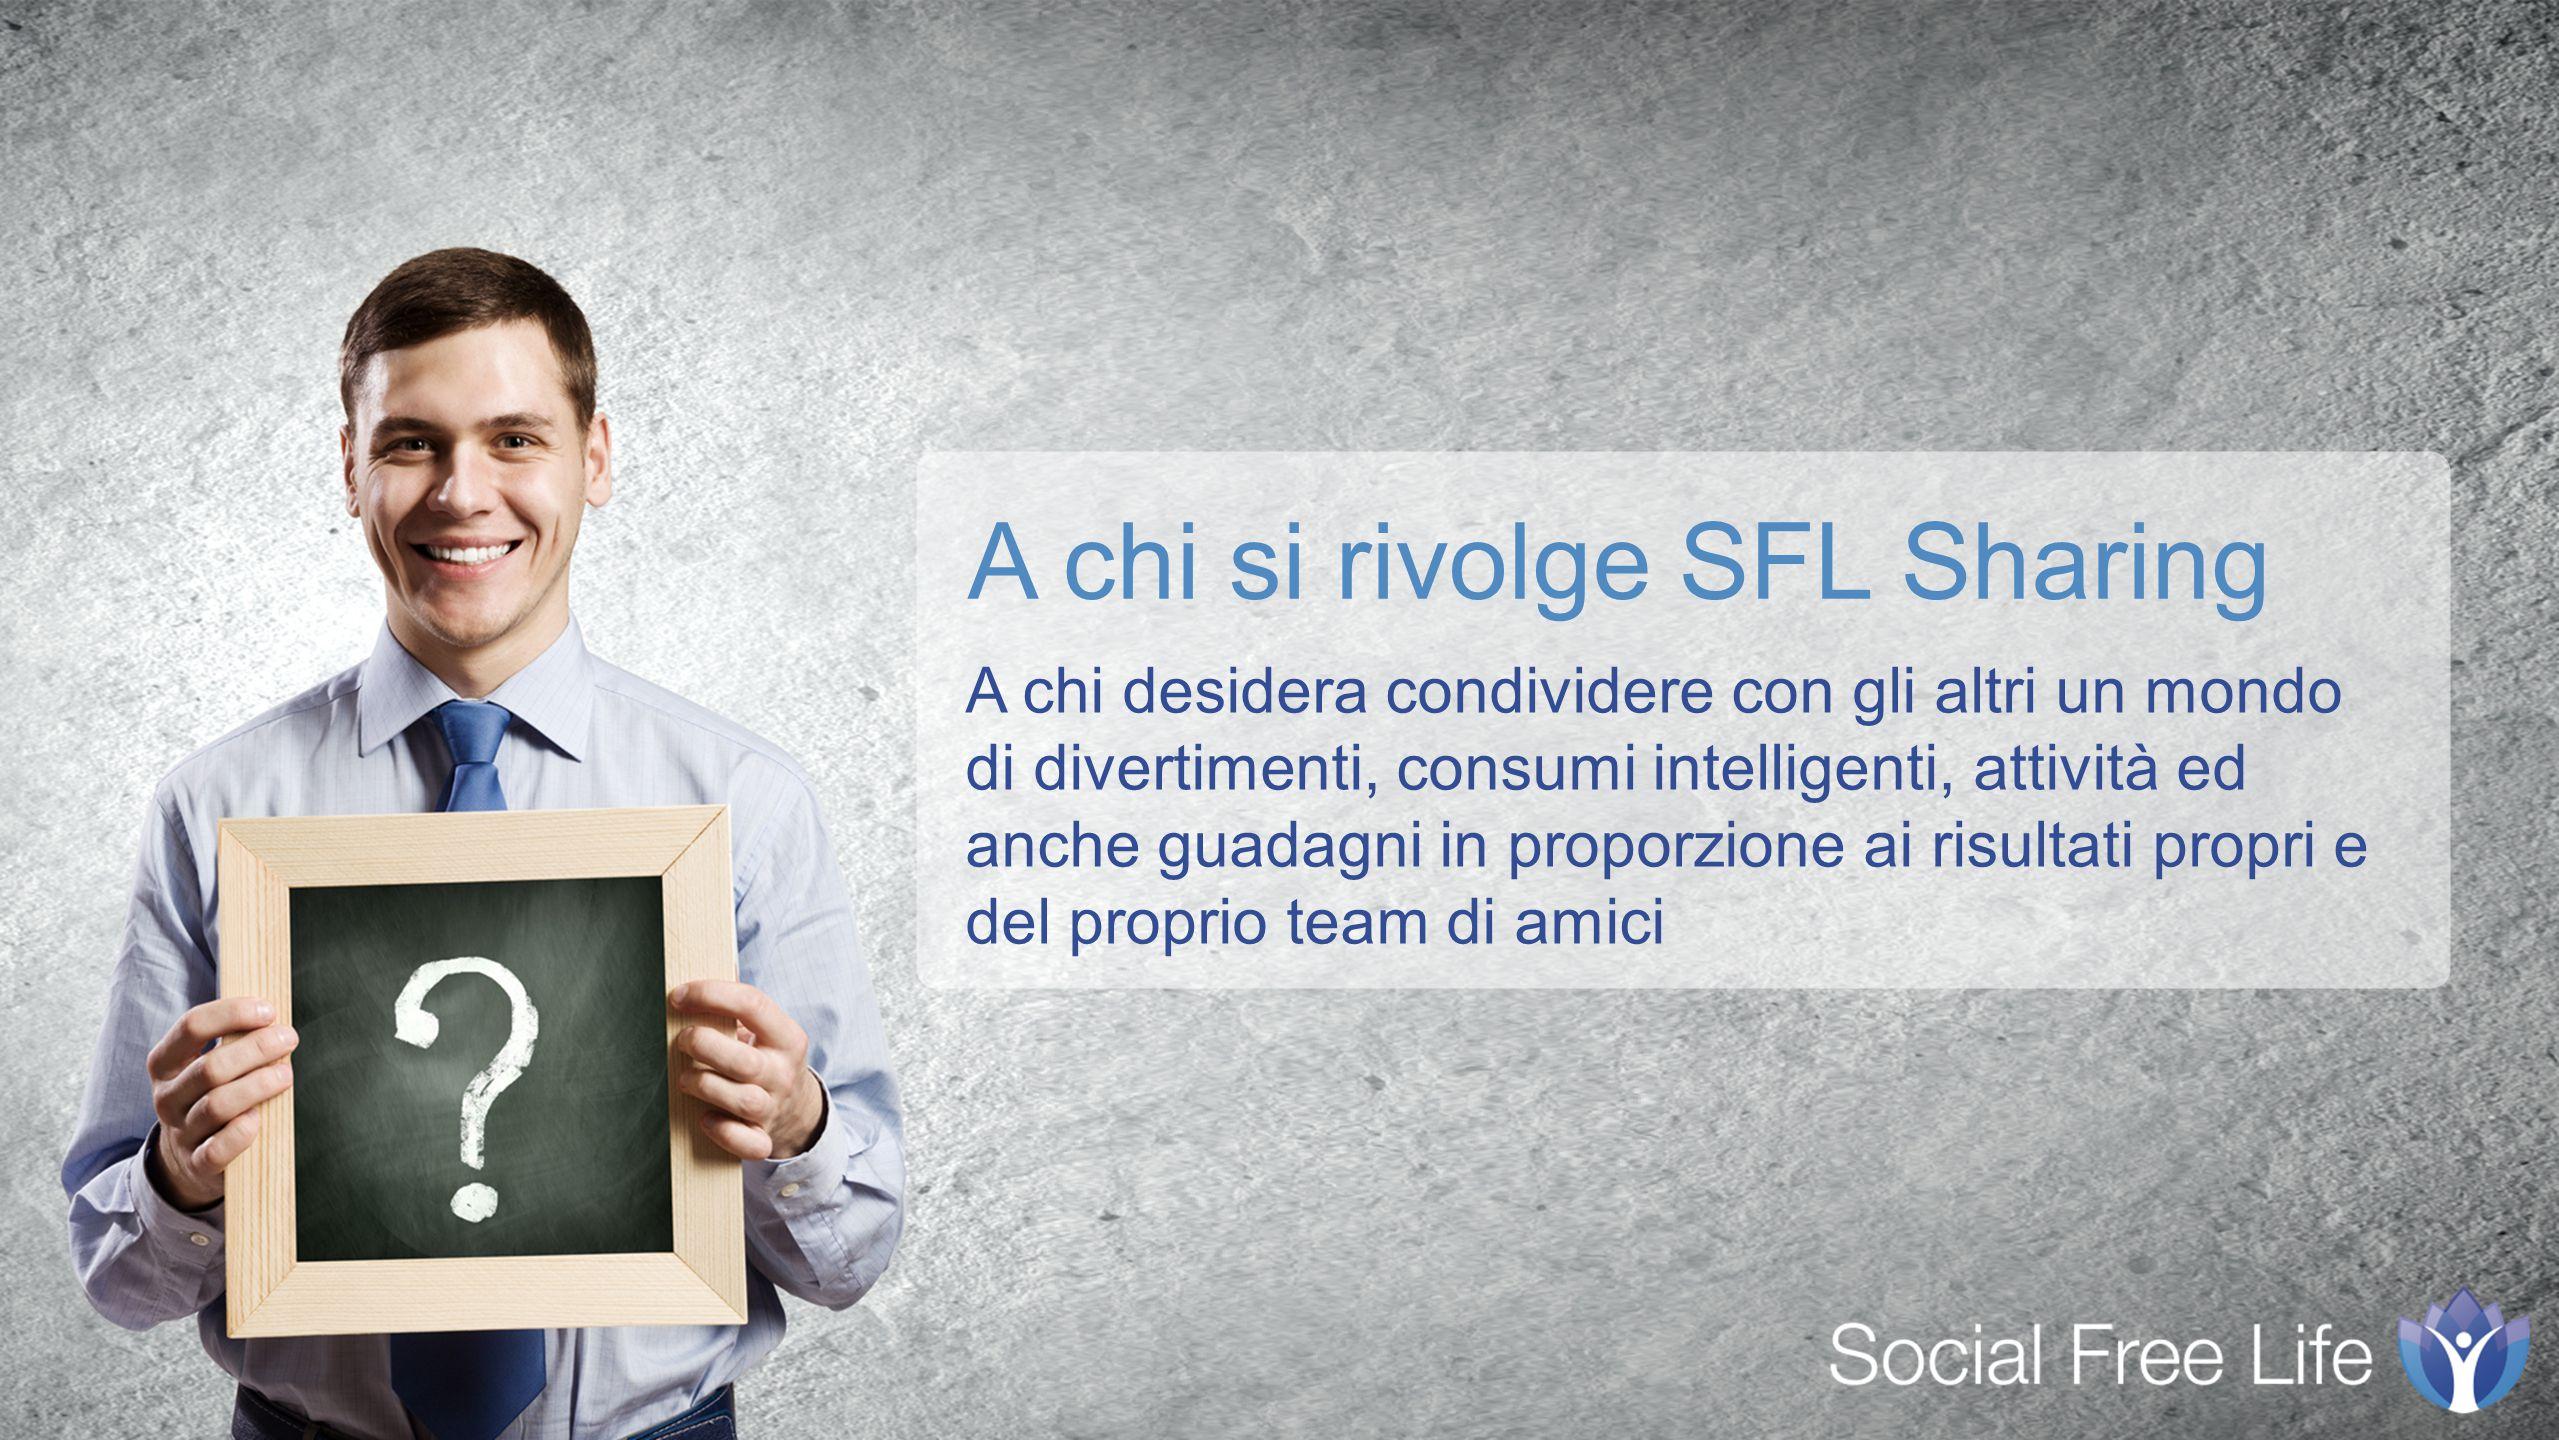 A chi desidera condividere con gli altri un mondo di divertimenti, consumi intelligenti, attività ed anche guadagni in proporzione ai risultati propri e del proprio team di amici A chi si rivolge SFL Sharing